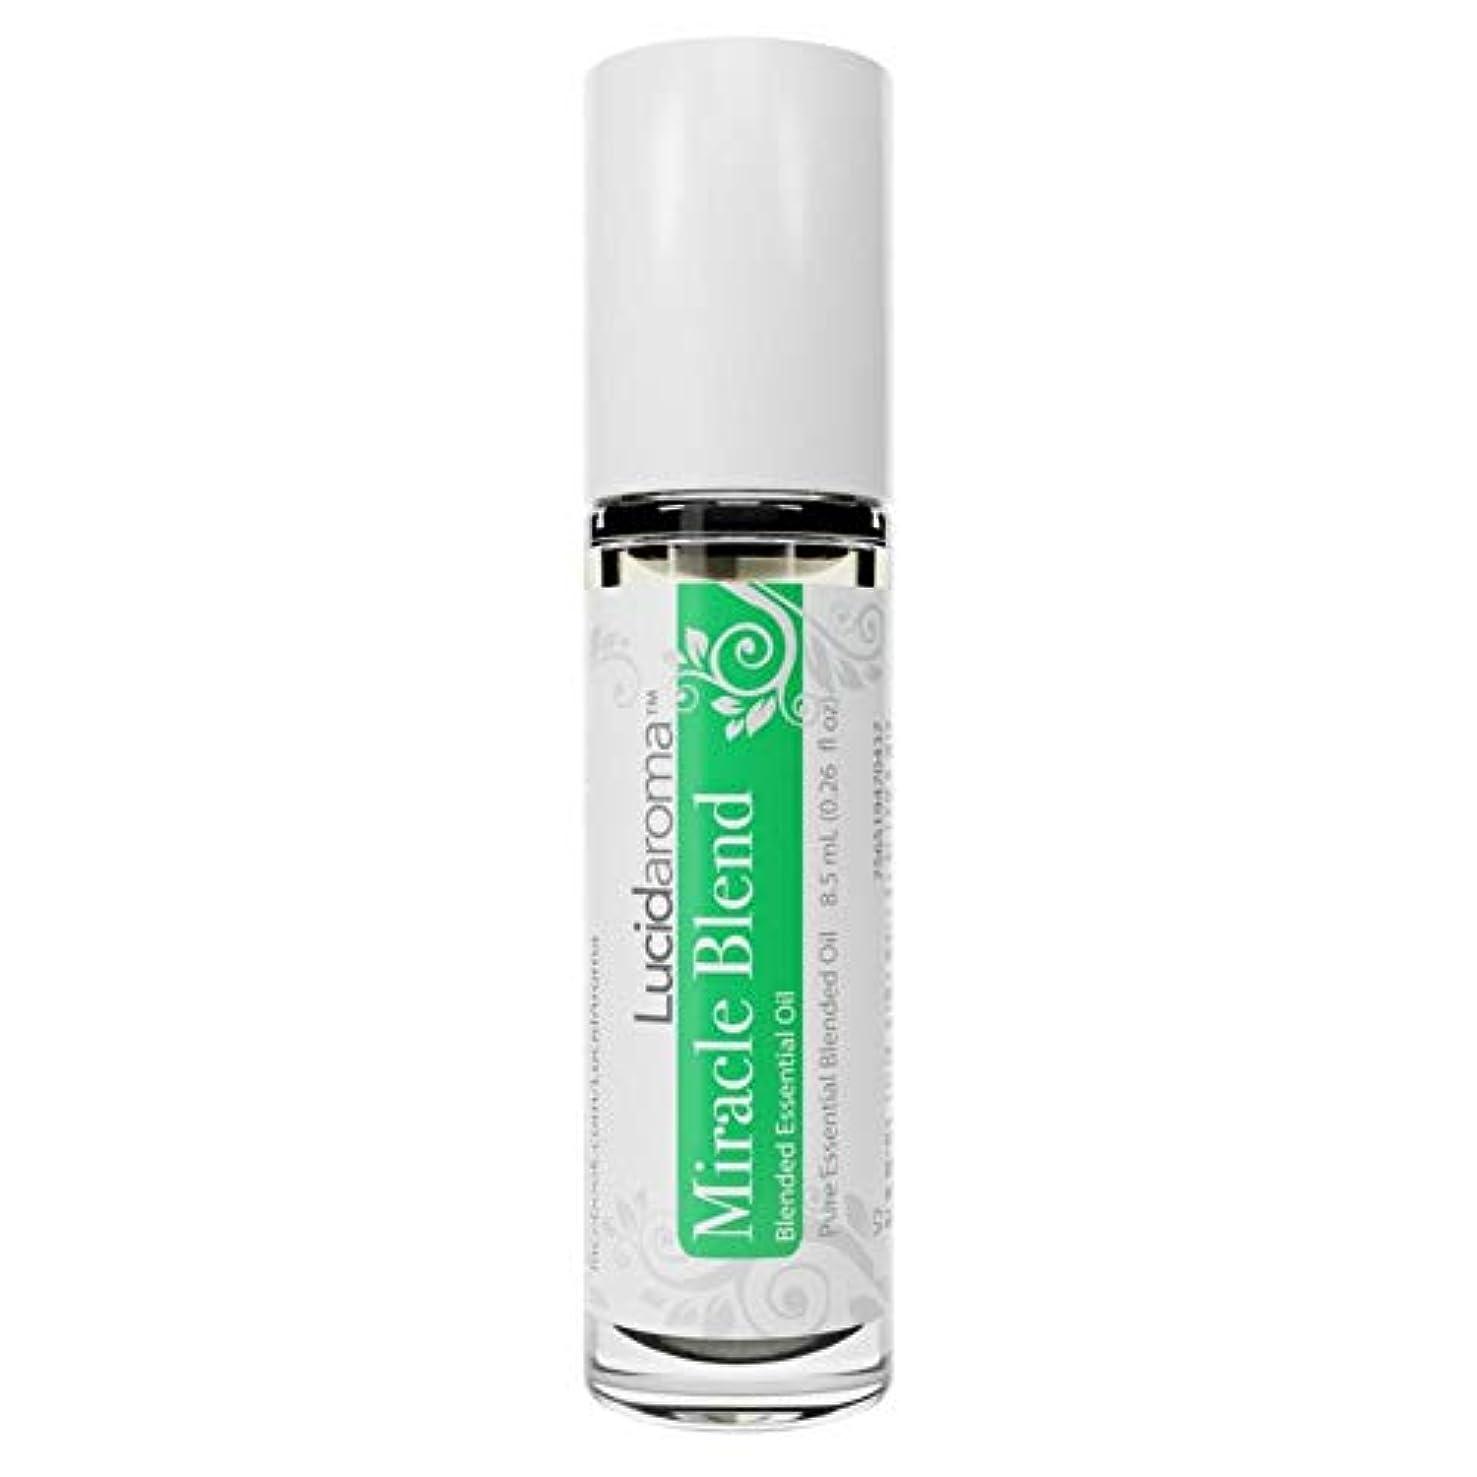 データベースストレンジャーキャリッジLucid Aroma Miracle Blend ミラクル ブレンド ロールオン アロマオイル 8.5mL (塗るアロマ) 100%天然 携帯便利 ピュア エッセンシャル アメリカ製